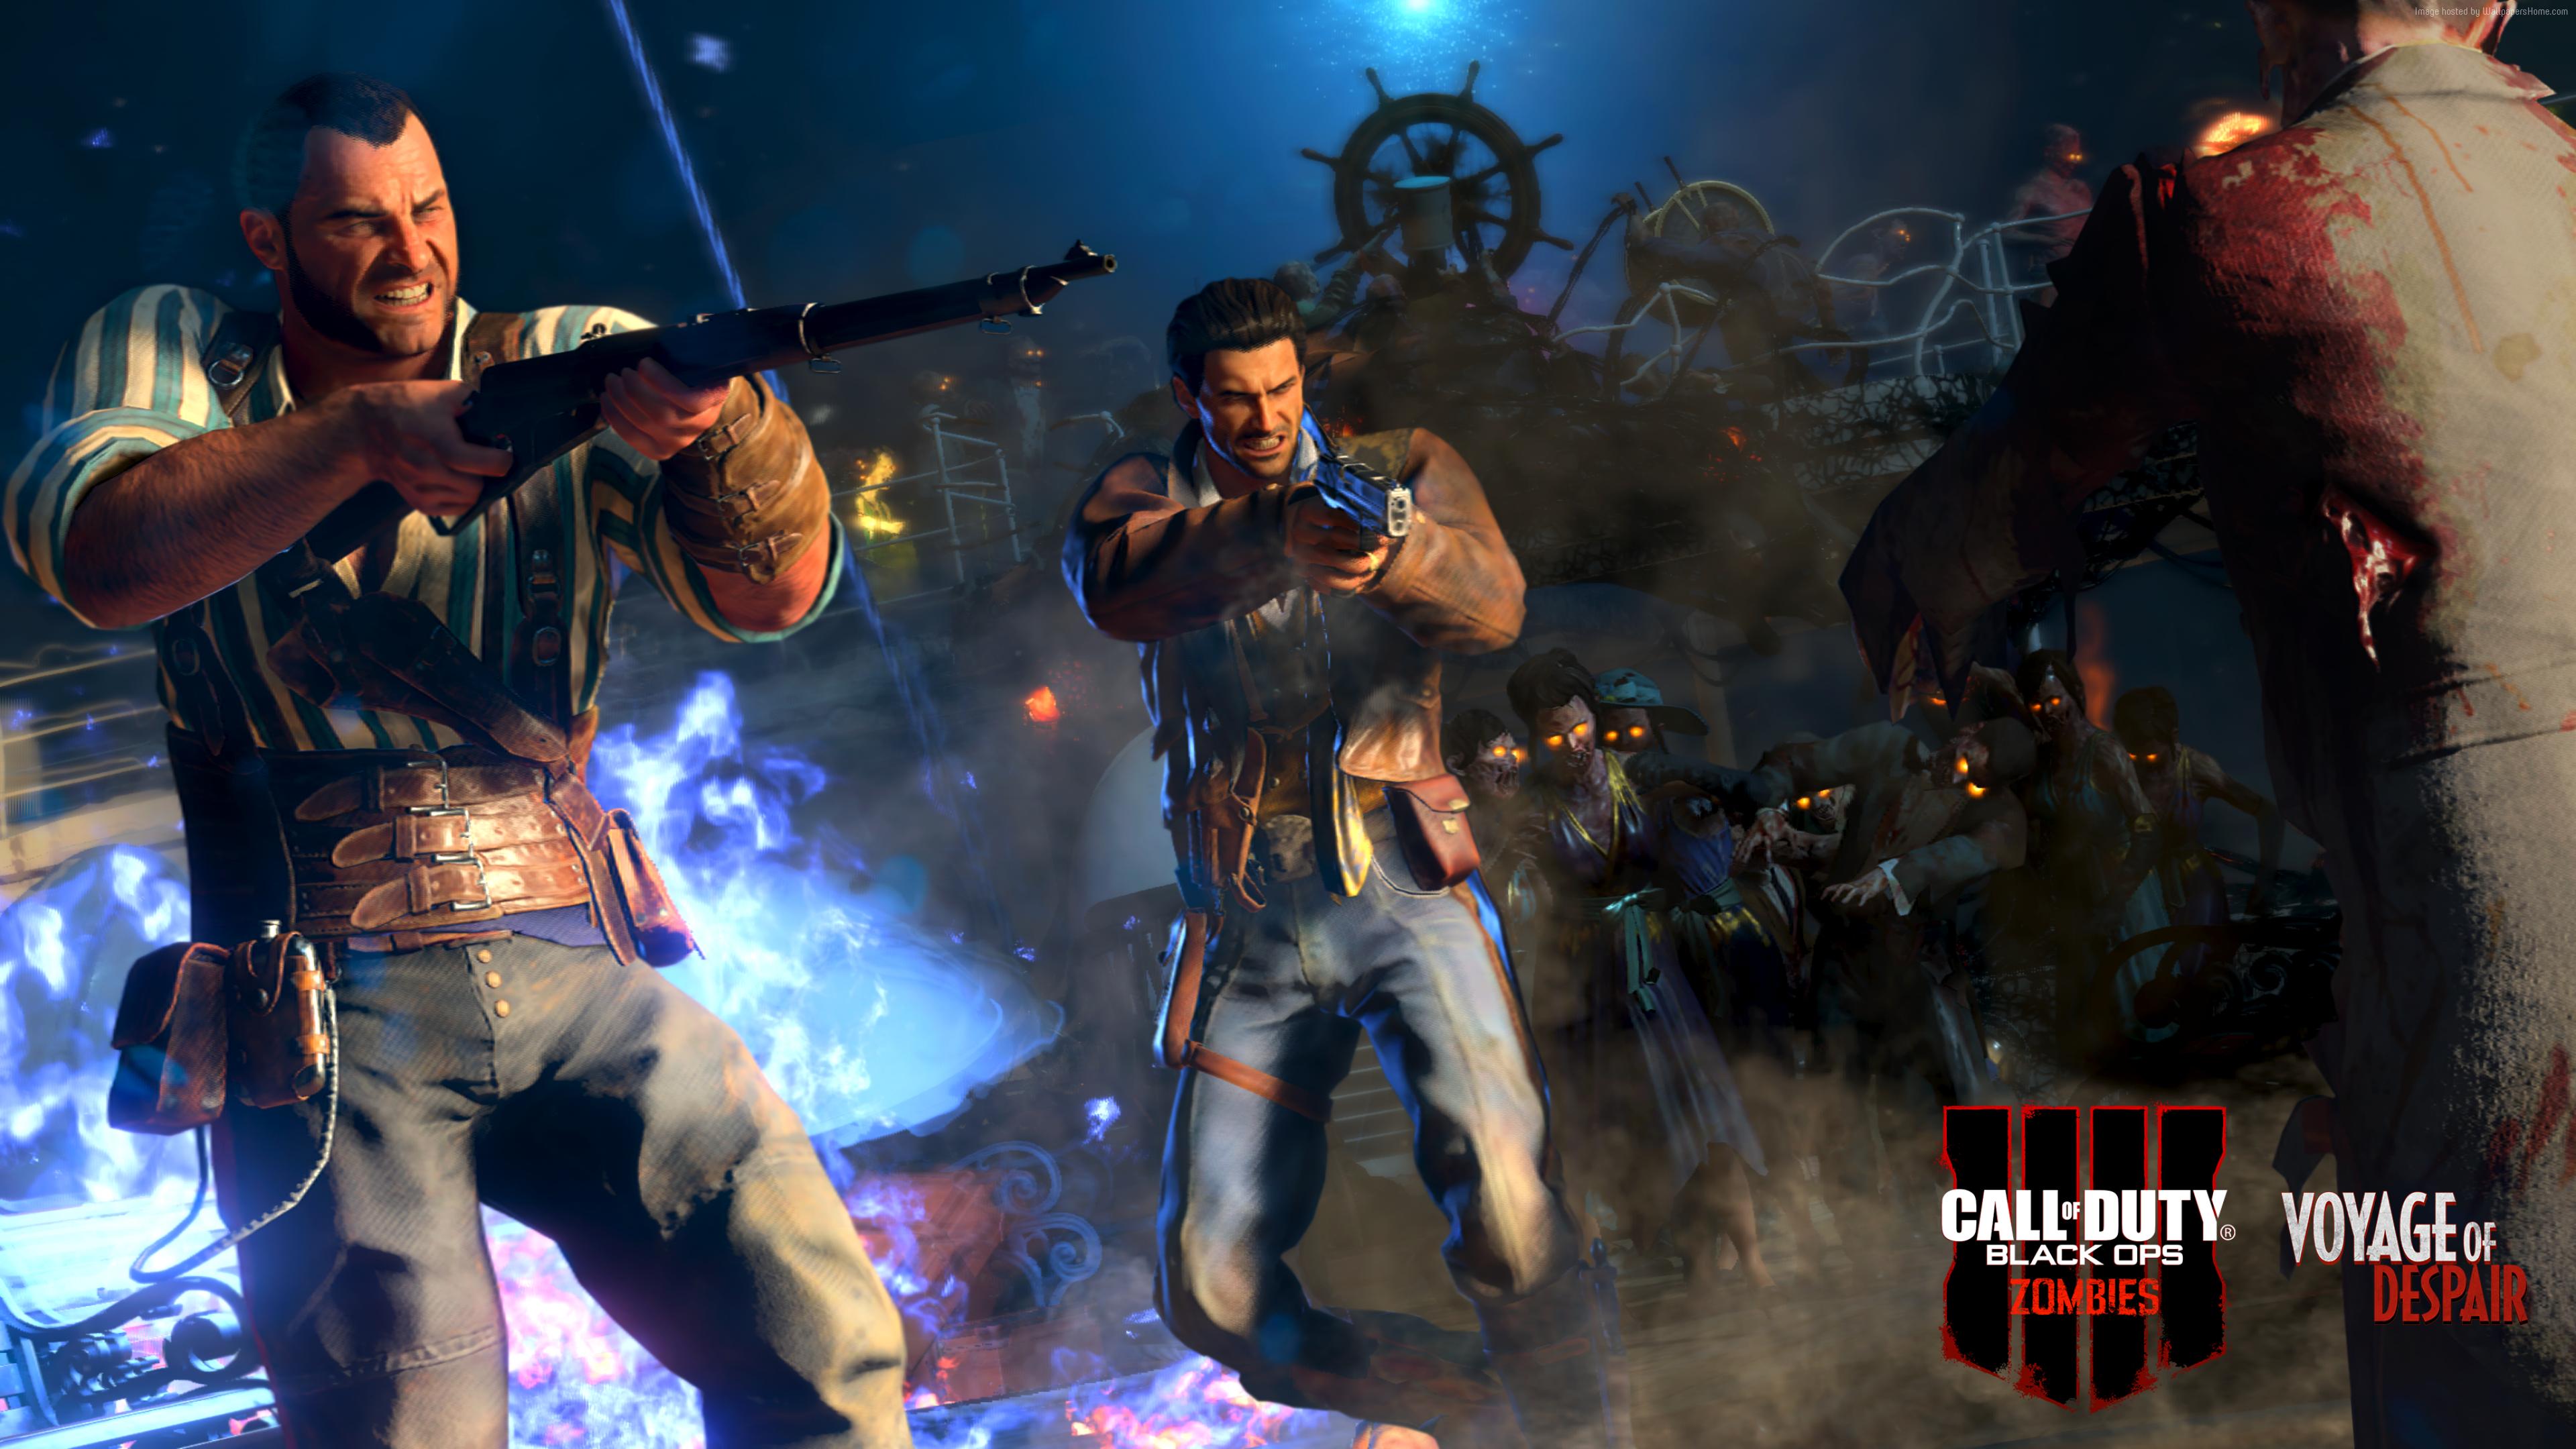 Wallpaper Call Of Duty Black Ops 4 Screenshot 4k Games Https